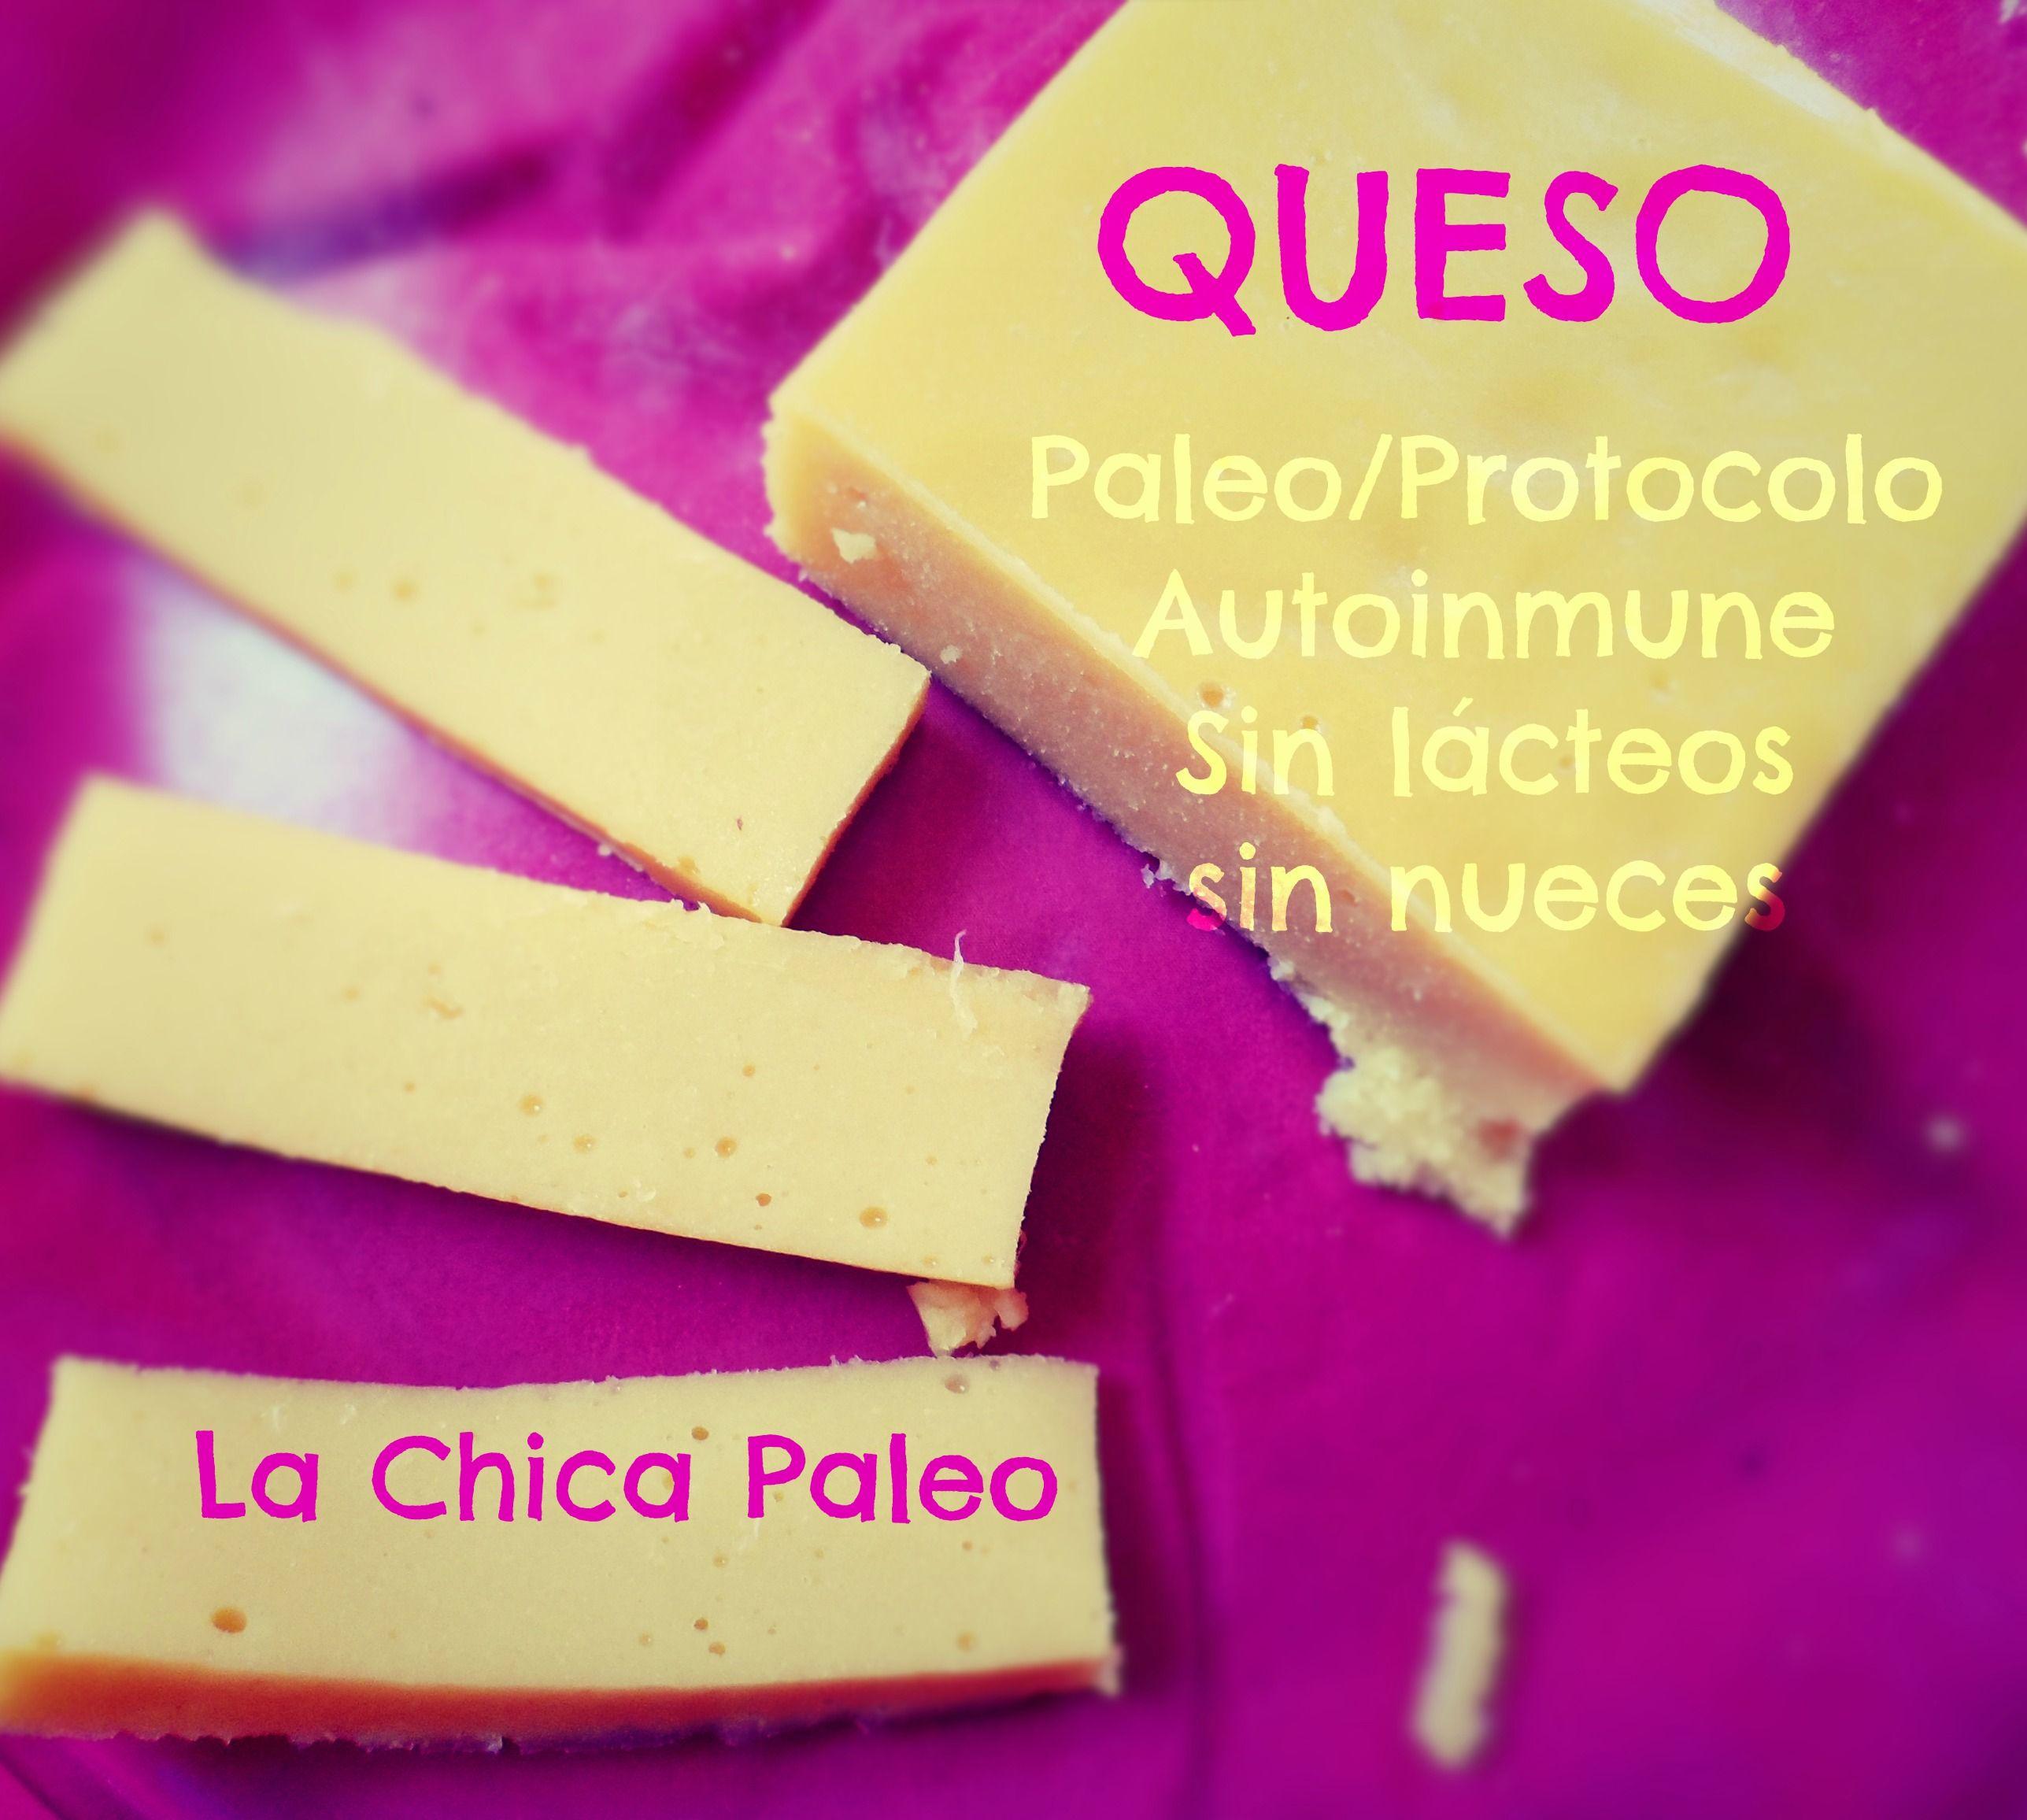 Queso Paleo – 100% paleo/protocolo autoinmune (sin nueces, sin lácteos)